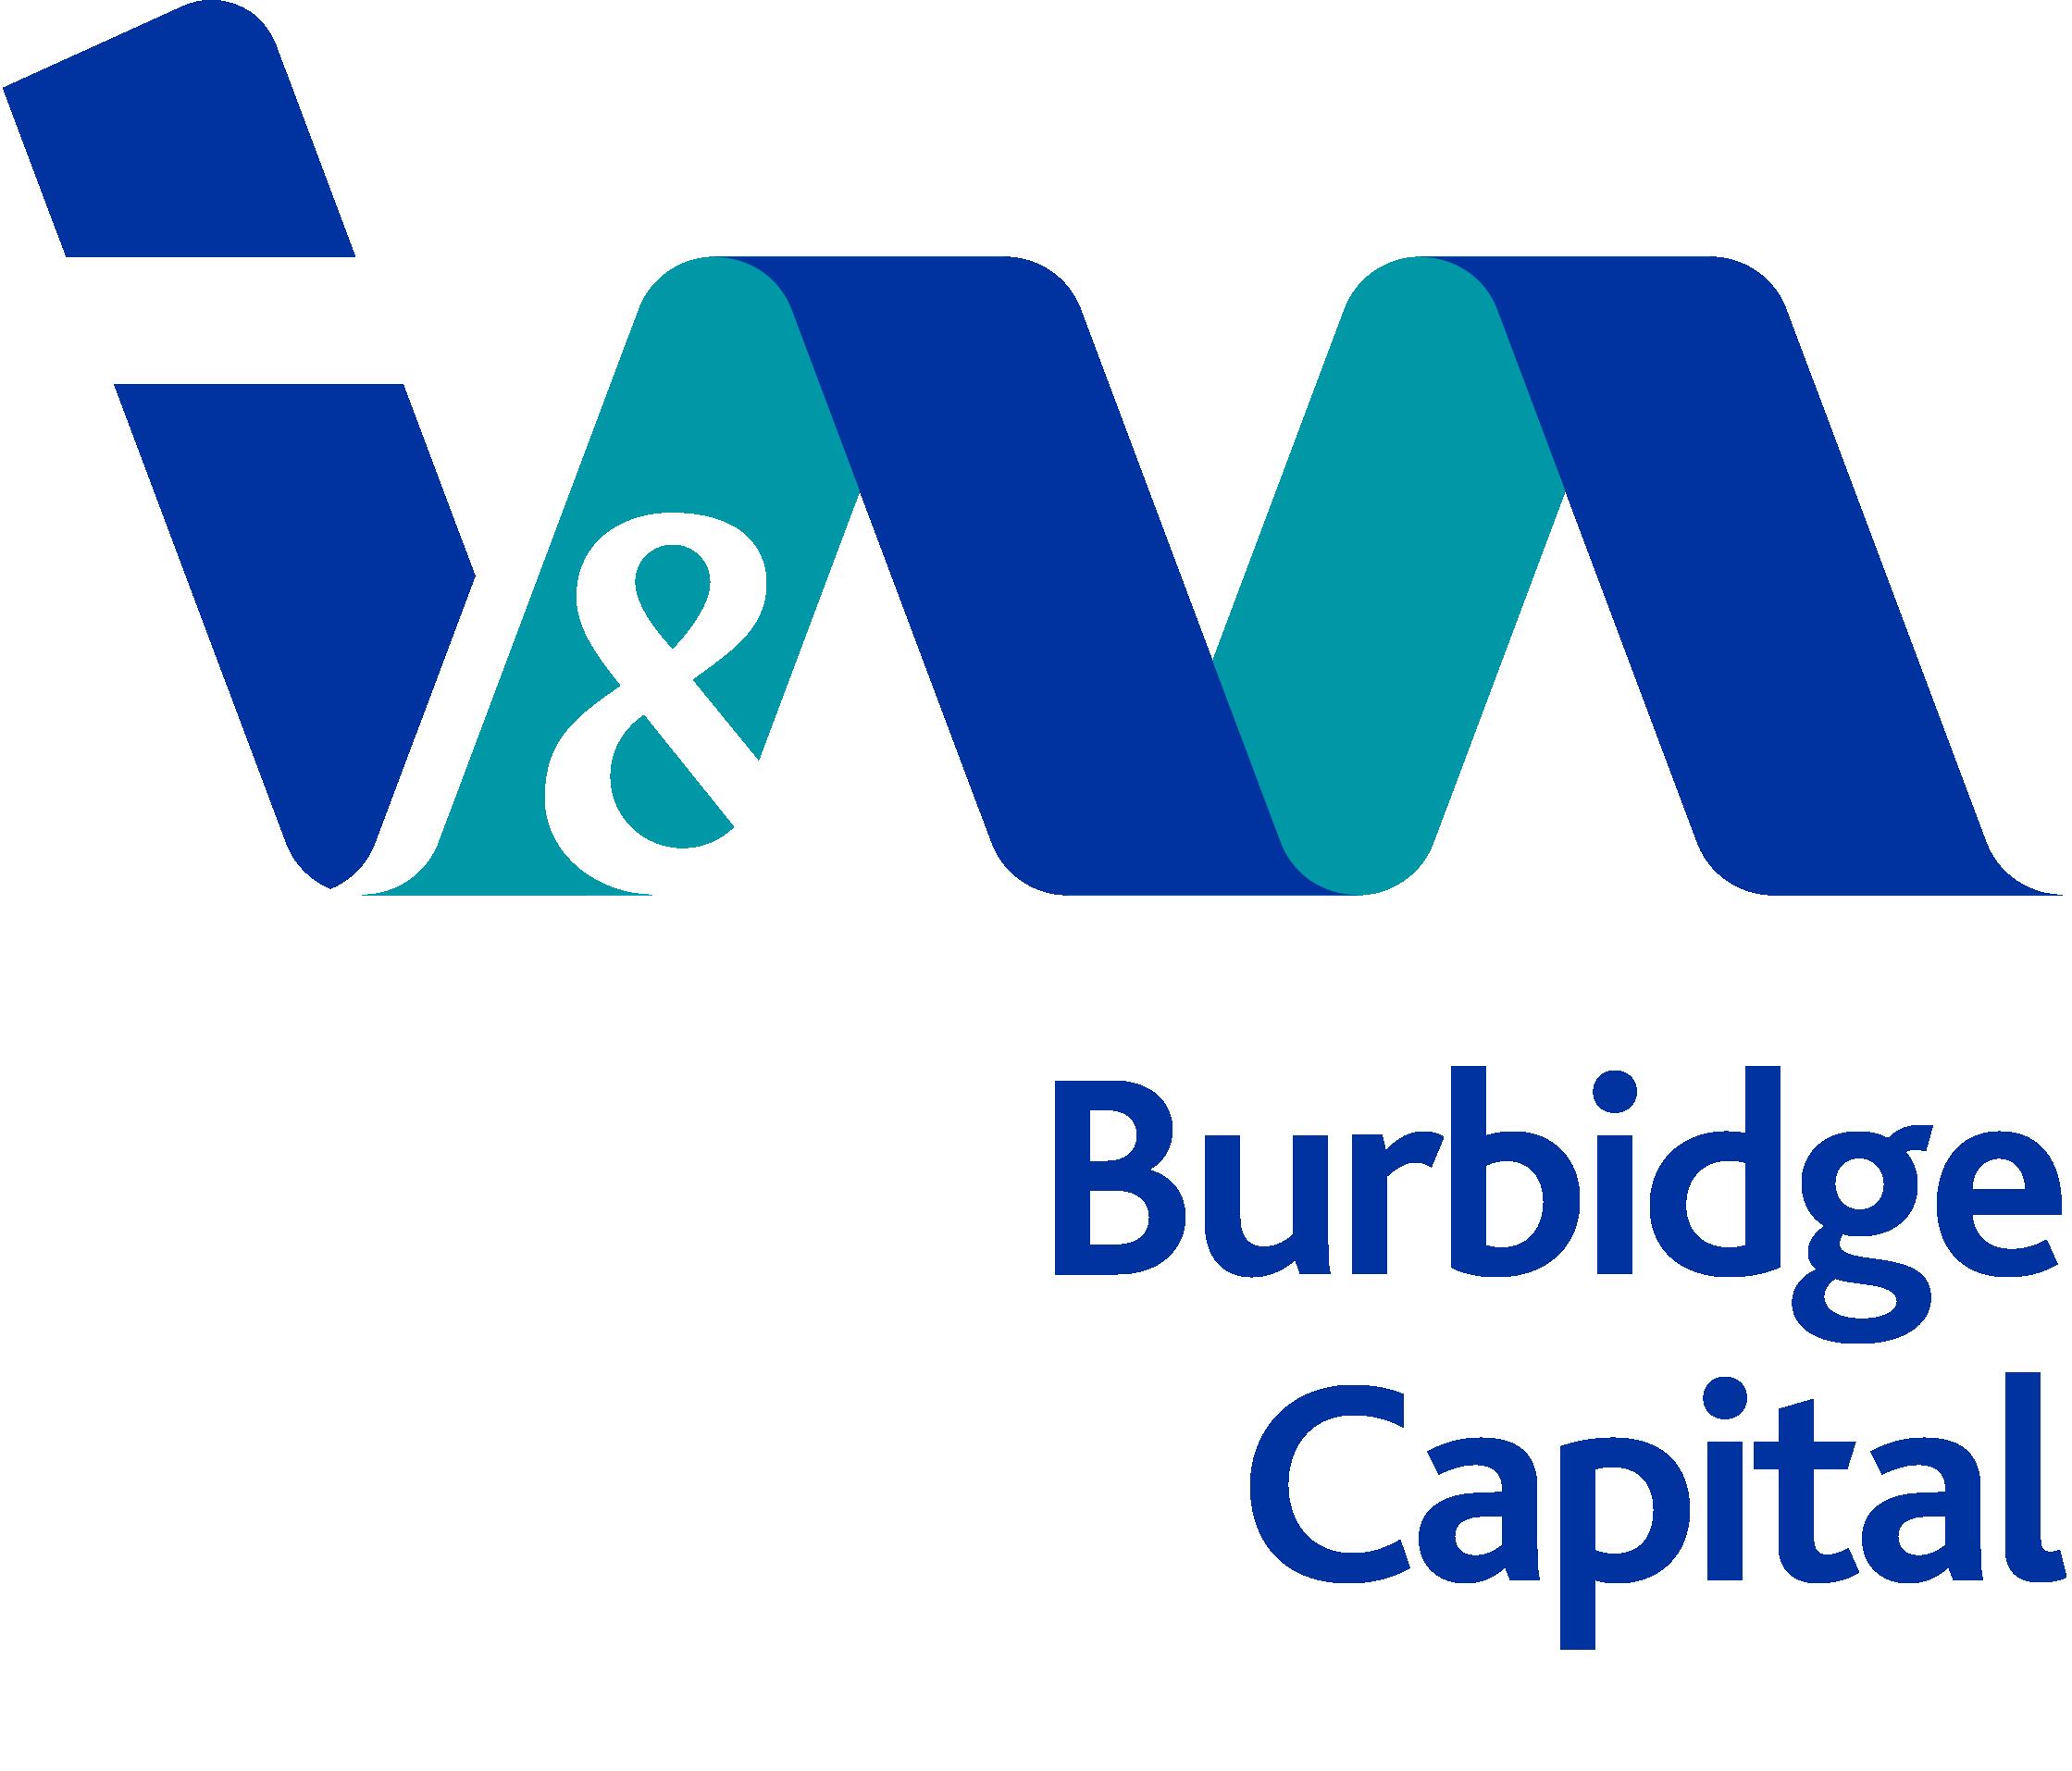 I&M Burbidge Capital